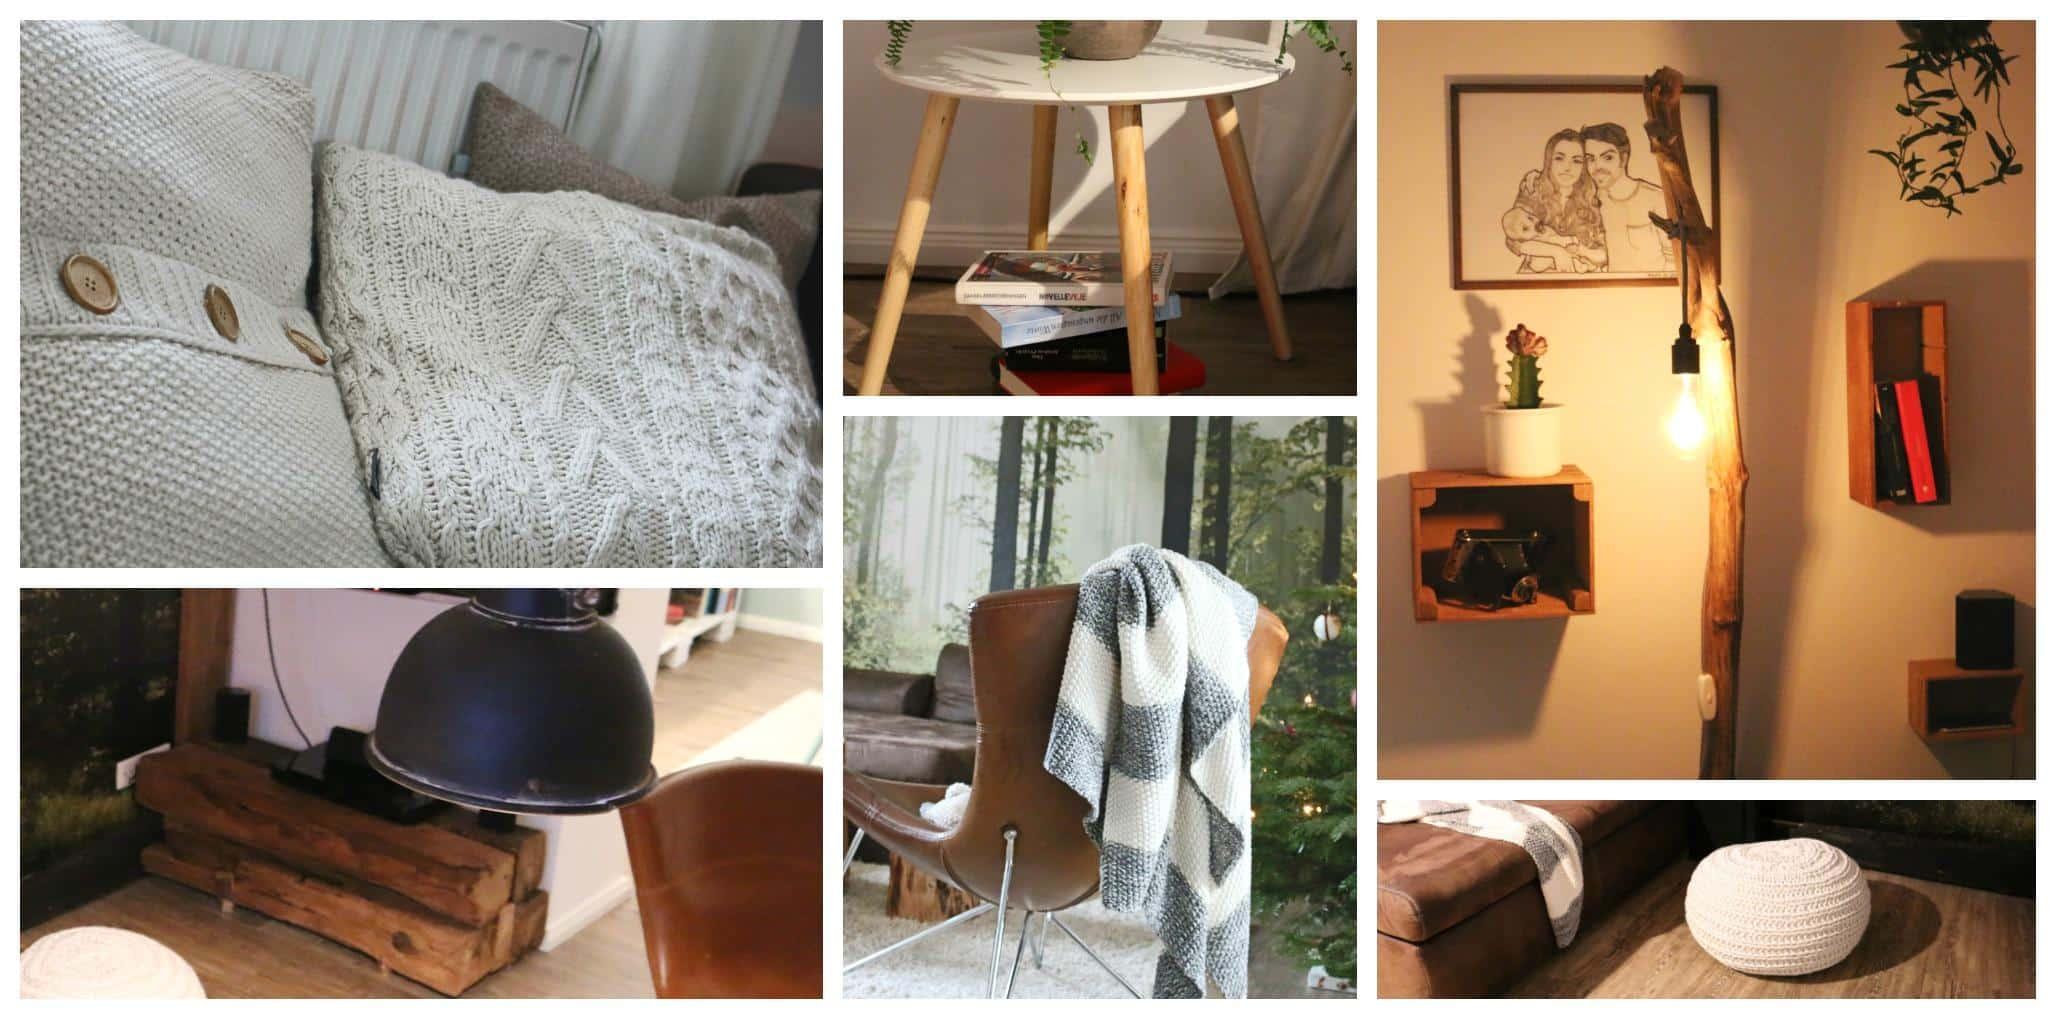 wohnzimmer gestalten wohnideen diy einfach selber machen. Black Bedroom Furniture Sets. Home Design Ideas